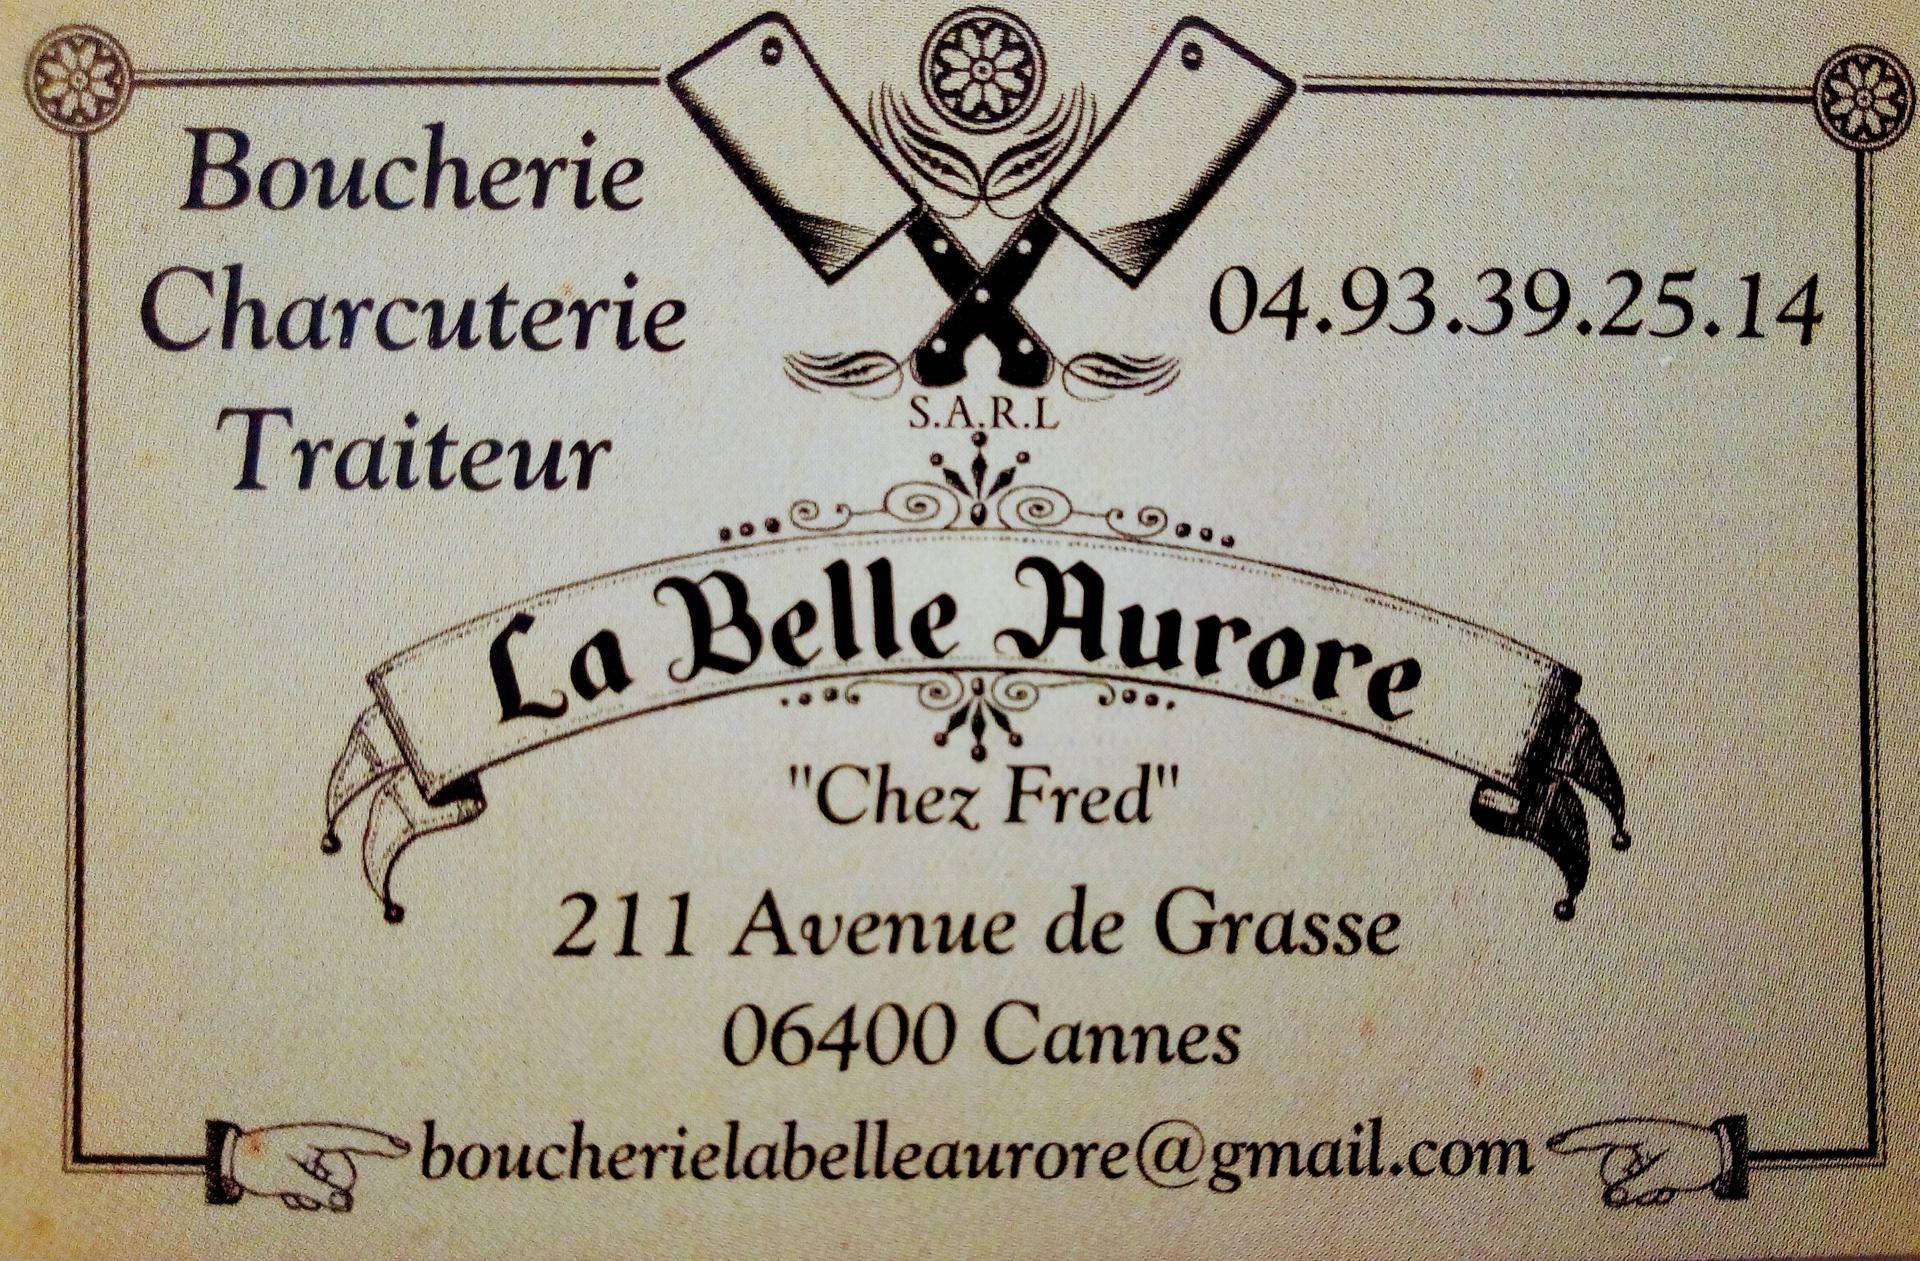 La Belle Aurore boucherie et charcuterie (détail)